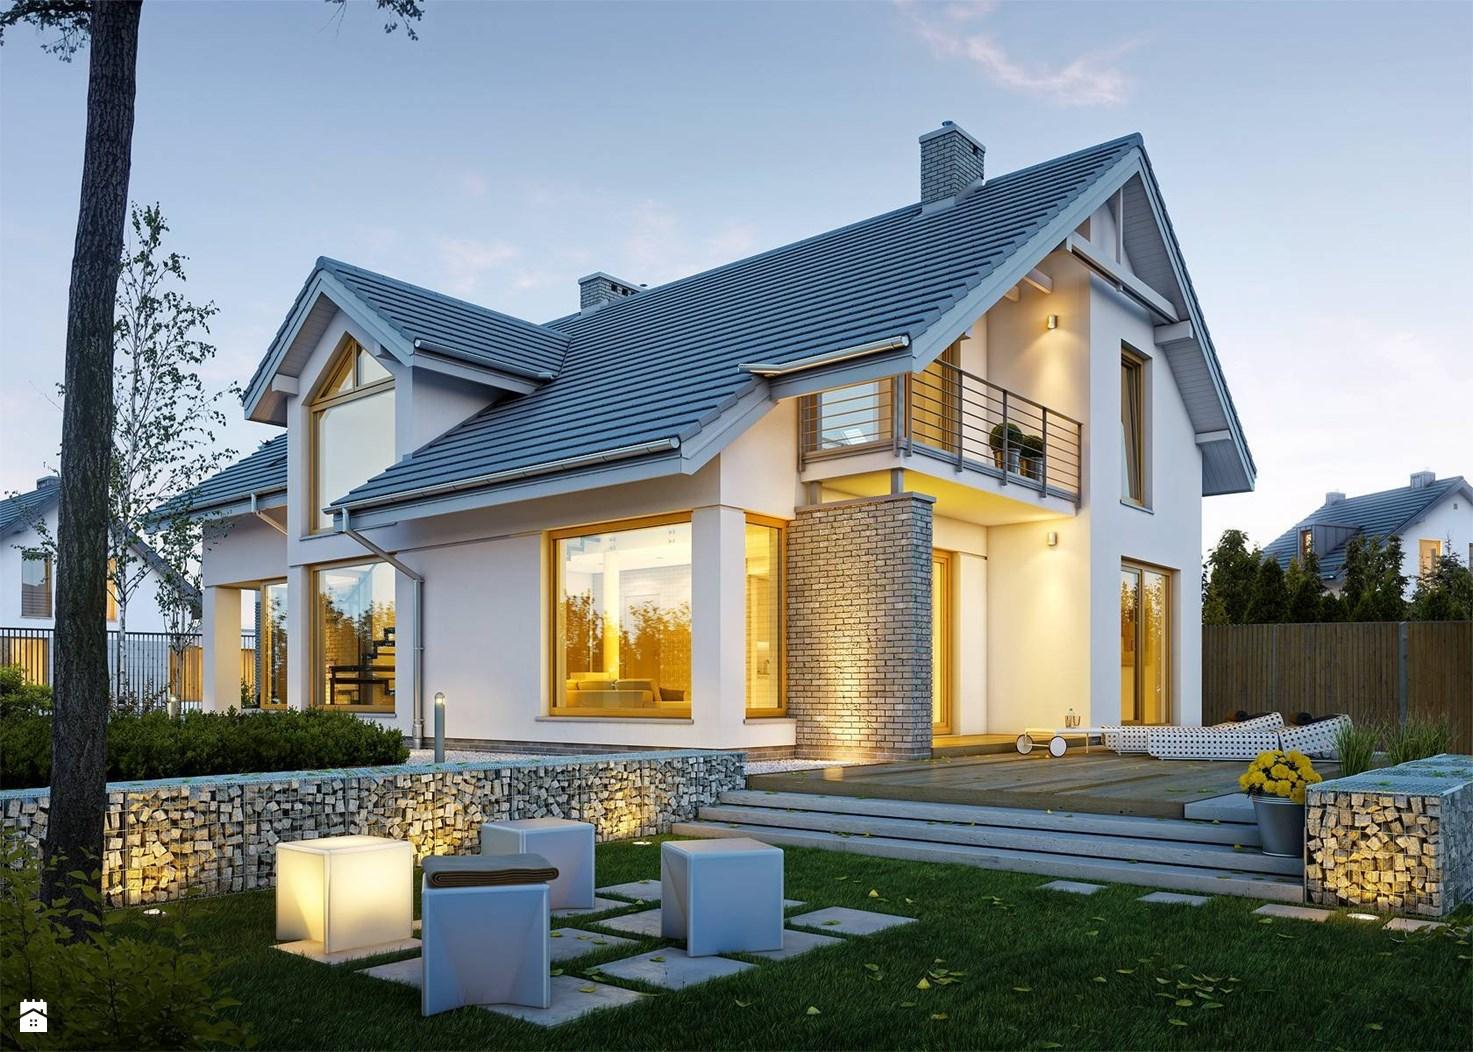 Частные дома в европе купить недорогую квартиру в оаэ